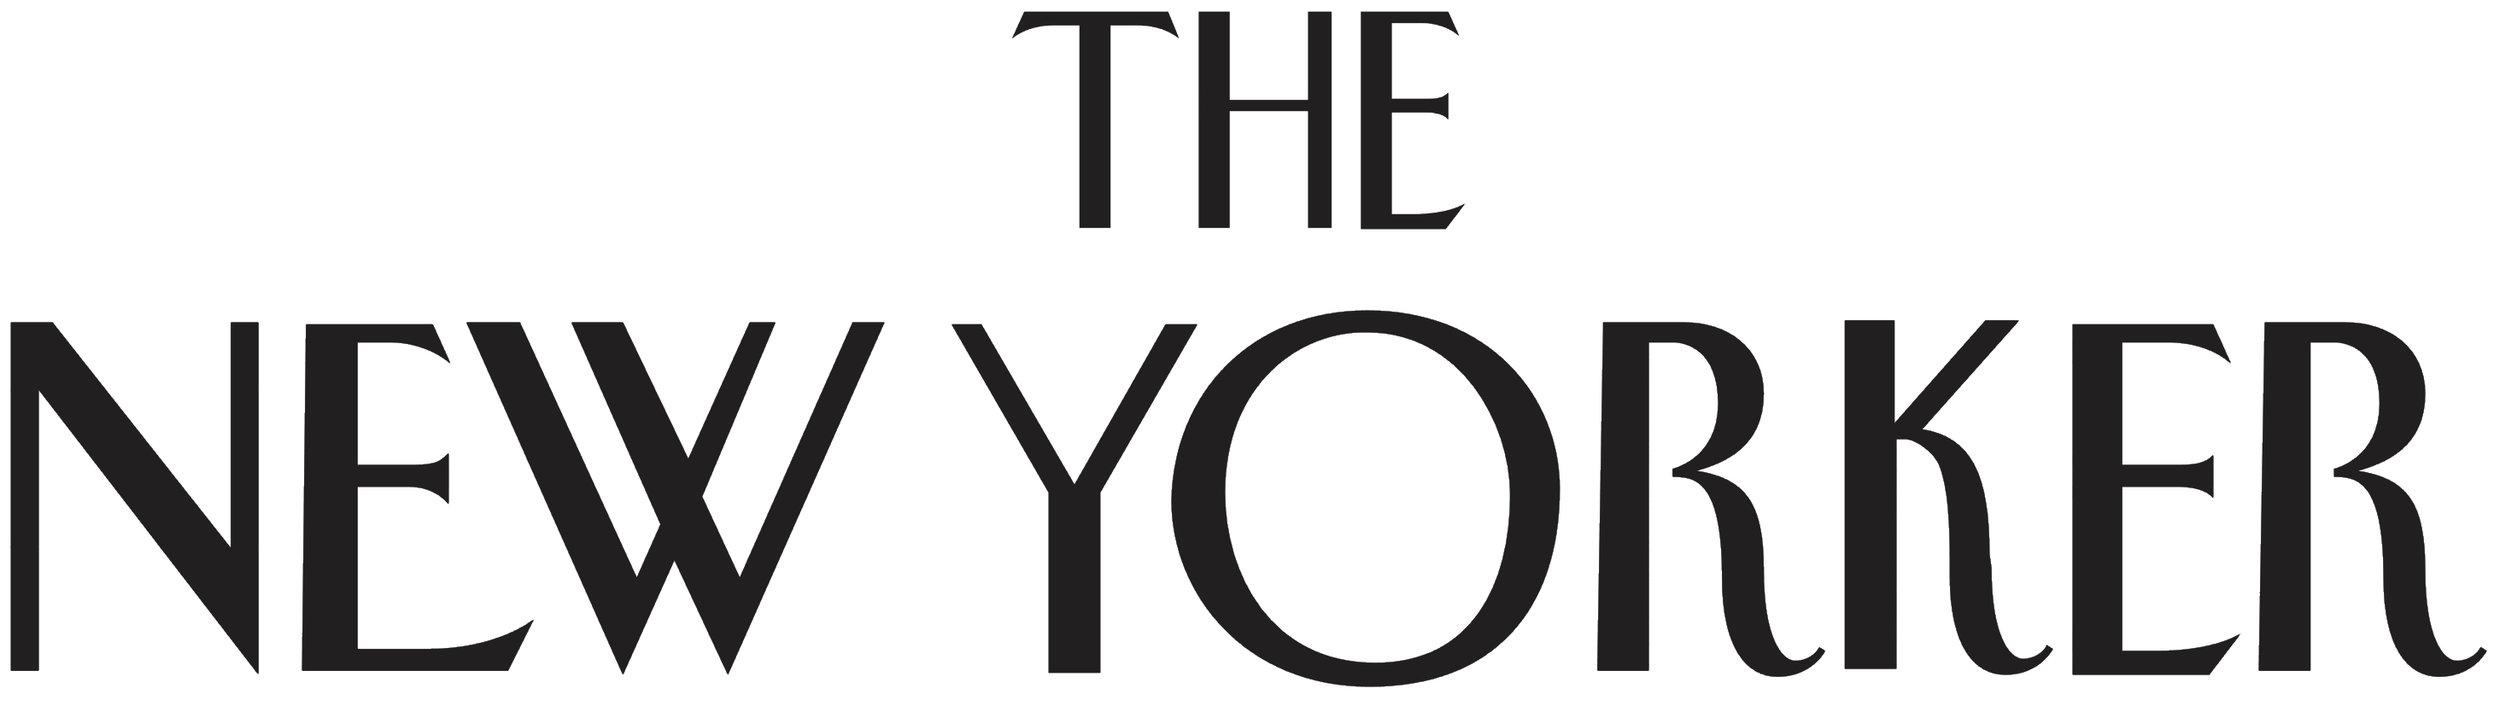 the new yorker logo.jpg